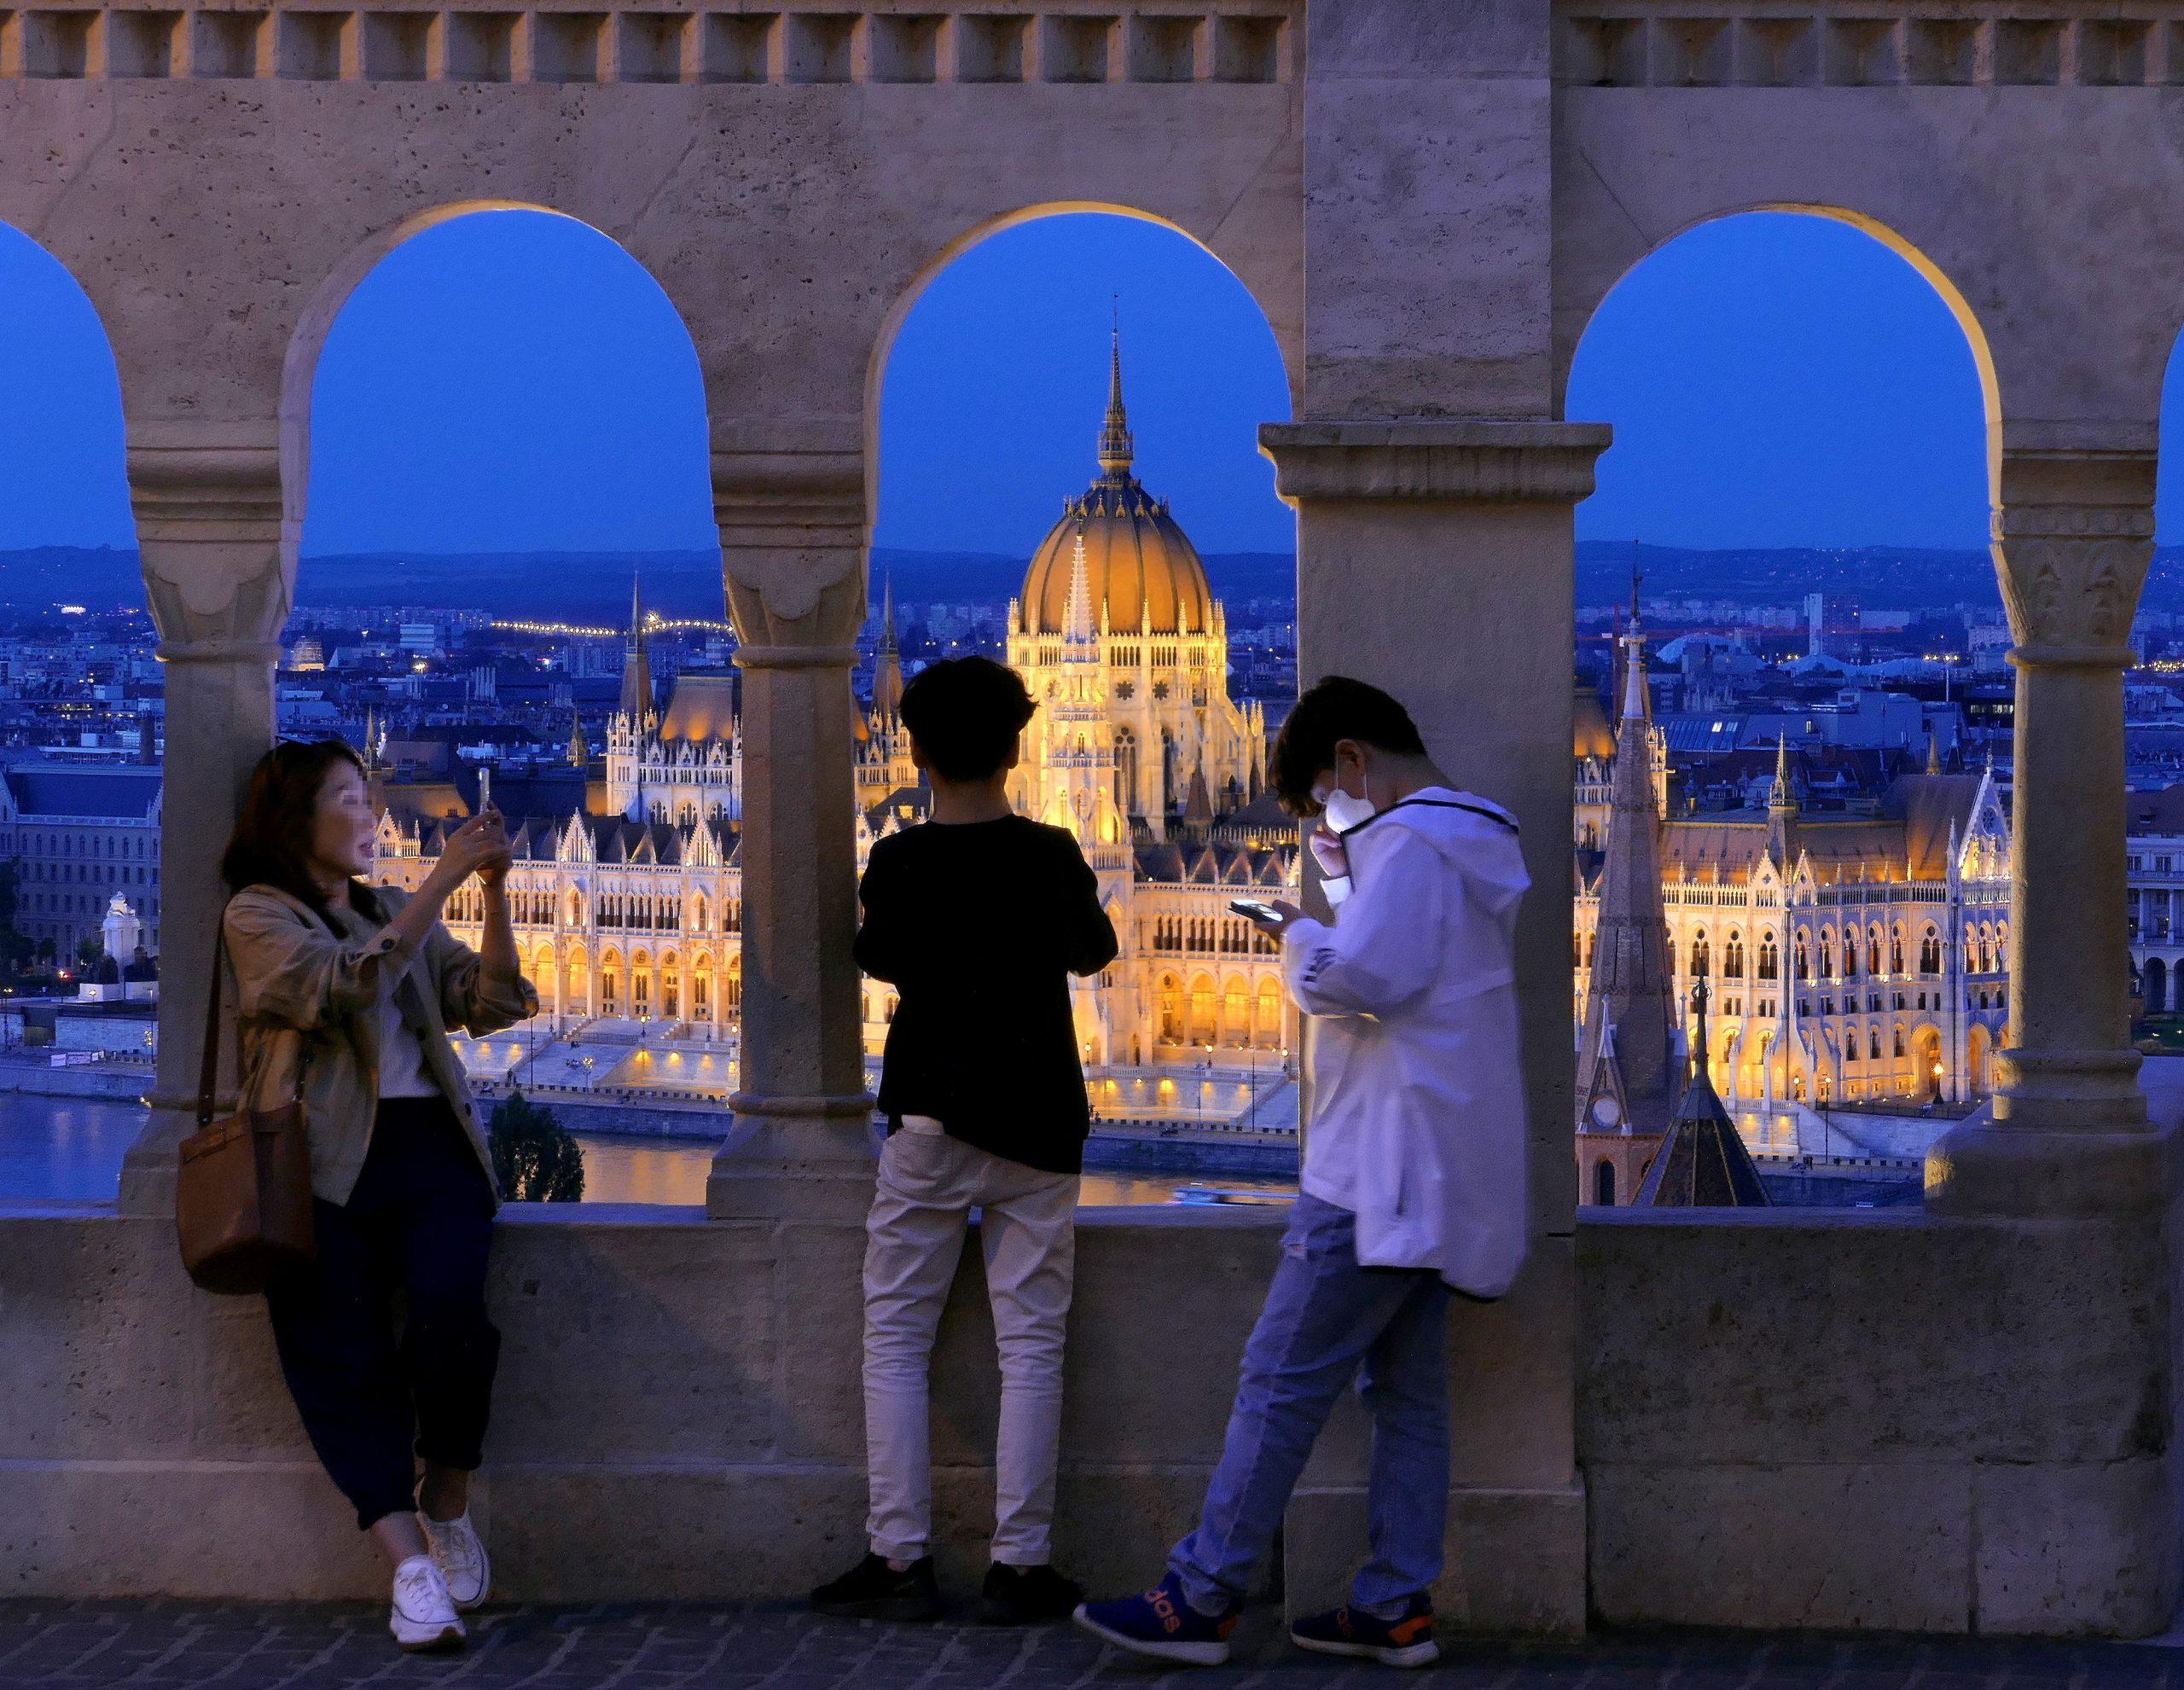 Pandemie führte zu deutlichem Rückgang der Tourismus-Branche